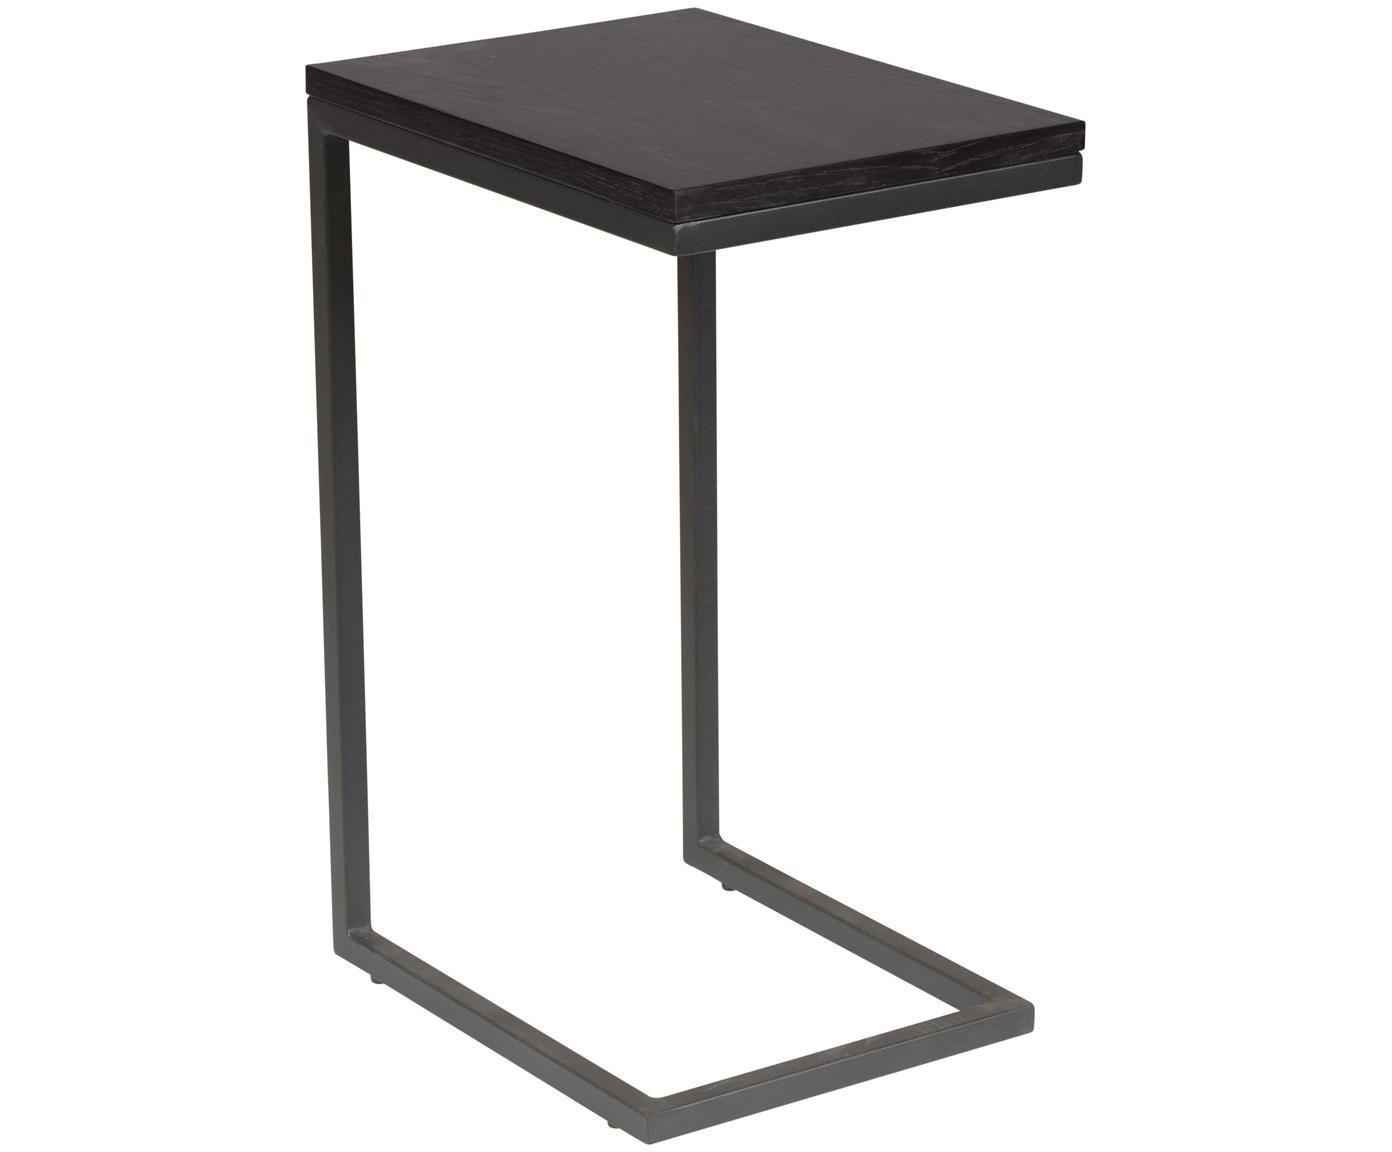 Mesa auxiliar Pia, Tablero: roble, pintado, Estructura: metal, con pintura en pol, Negro, An 40 x F 30 cm